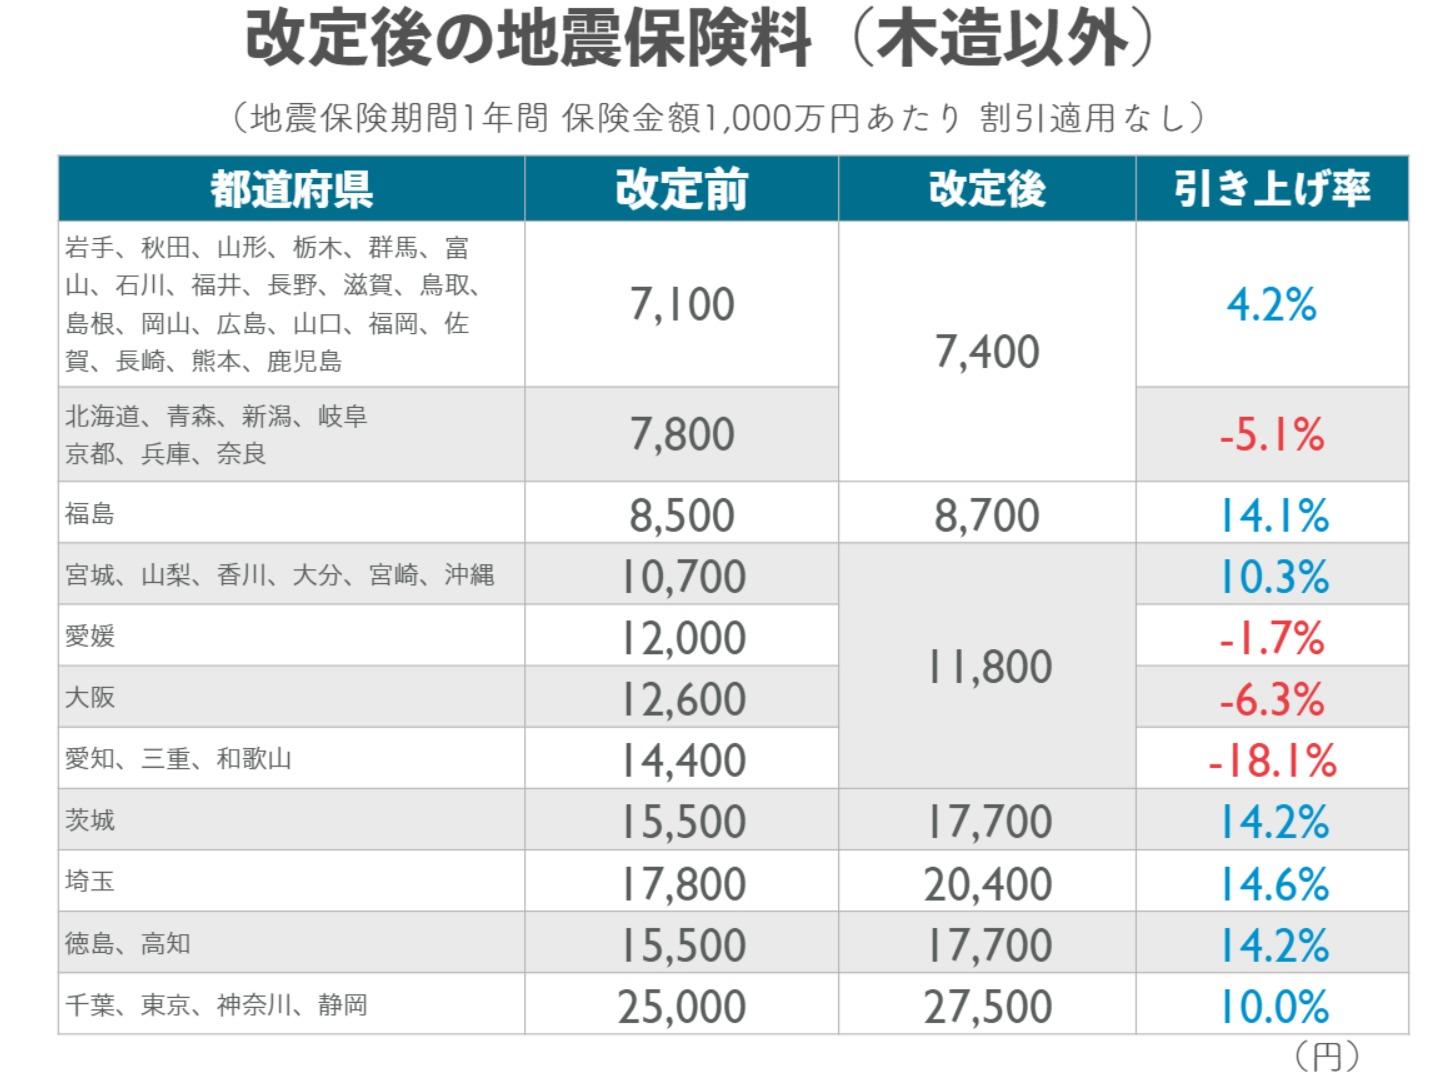 改定後の地震保険料(木造以外)